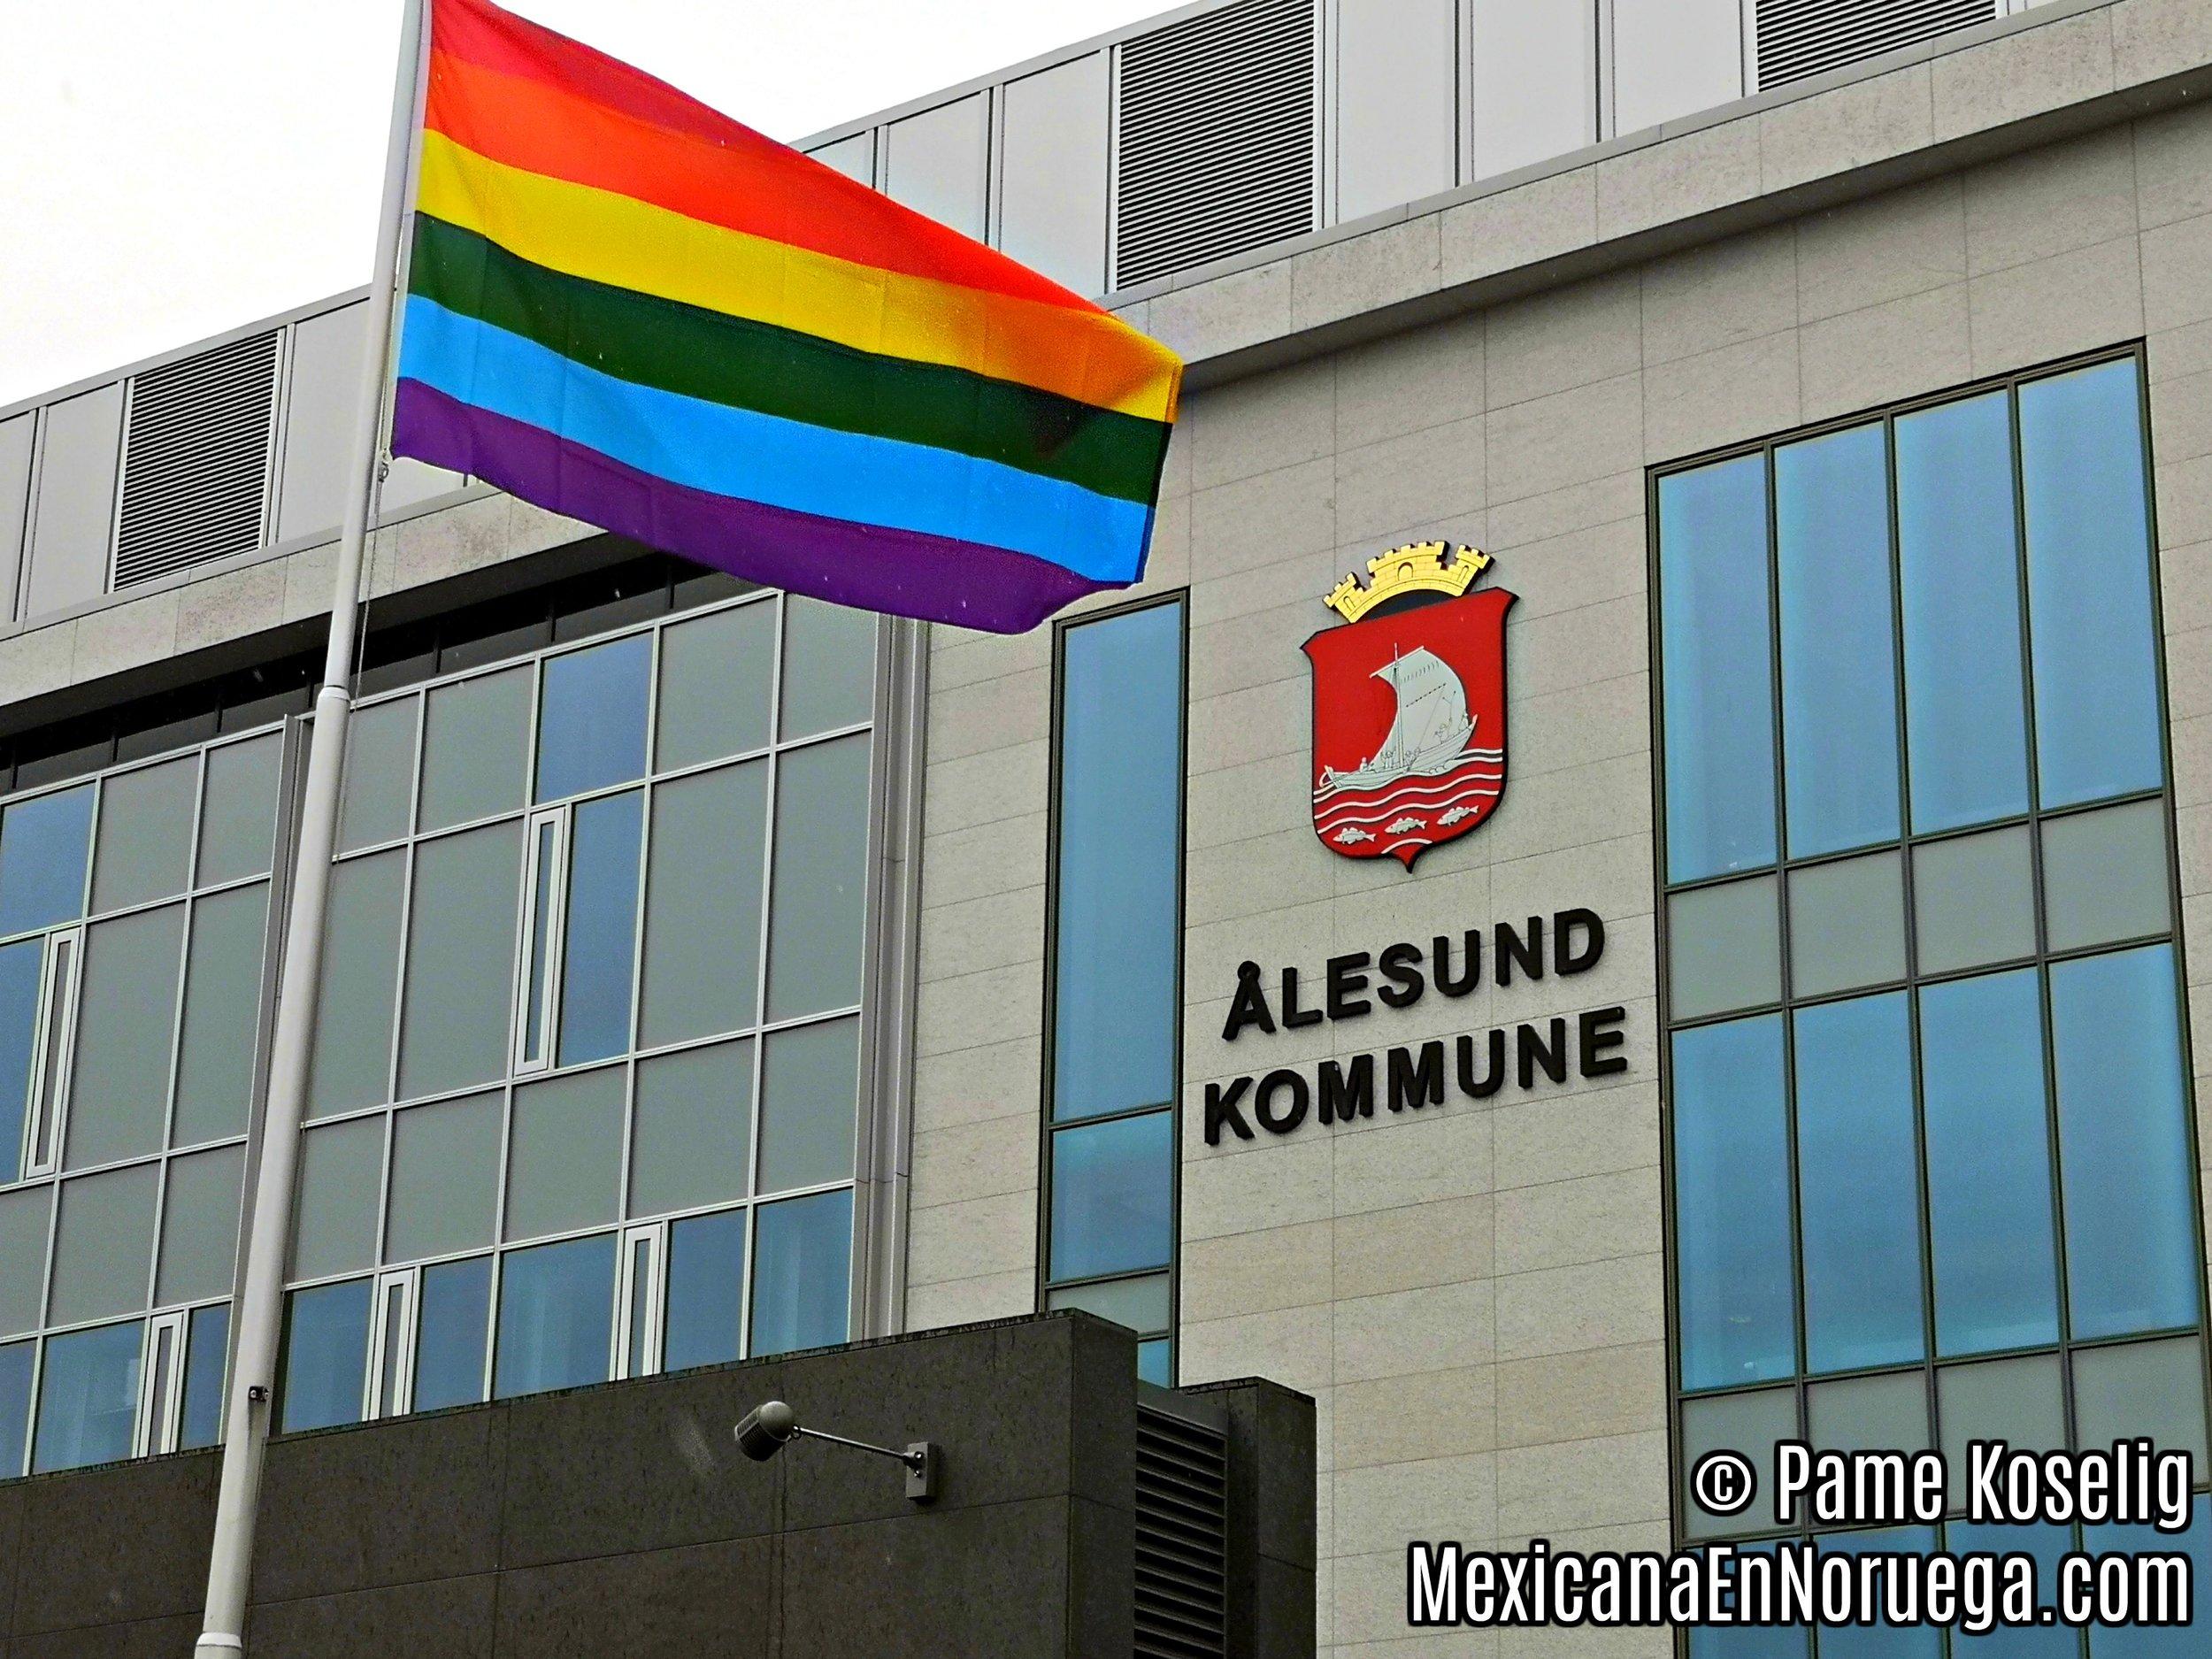 8 _ Aalesund Pride _ Pame Koselig _ Mexicana en Noruega.jpg